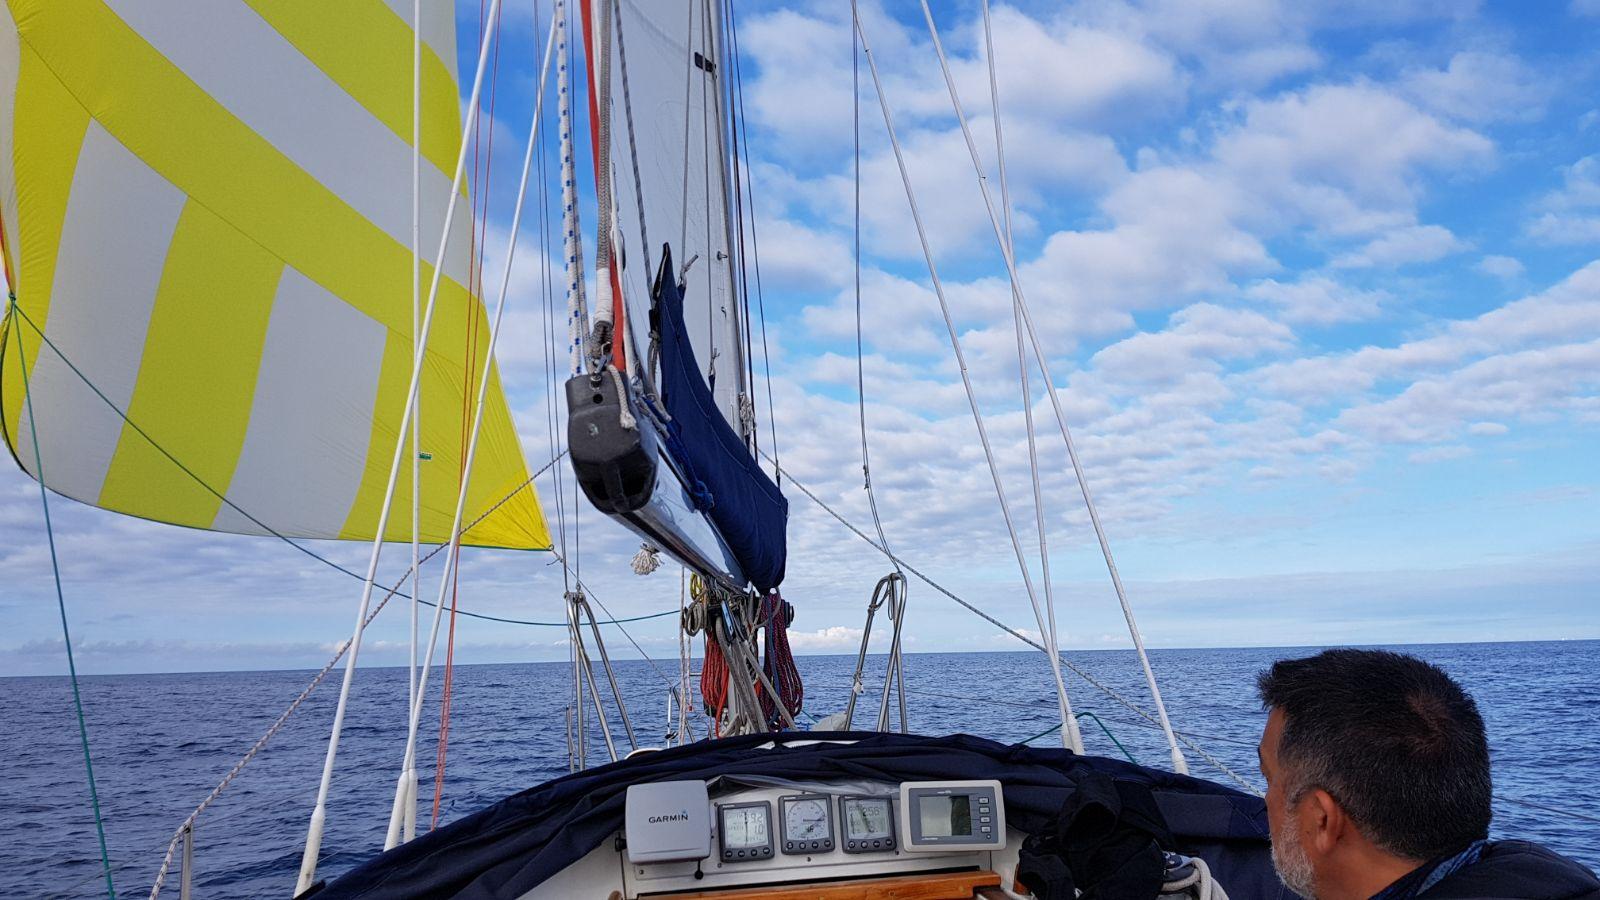 Sailing – a metaphor for life